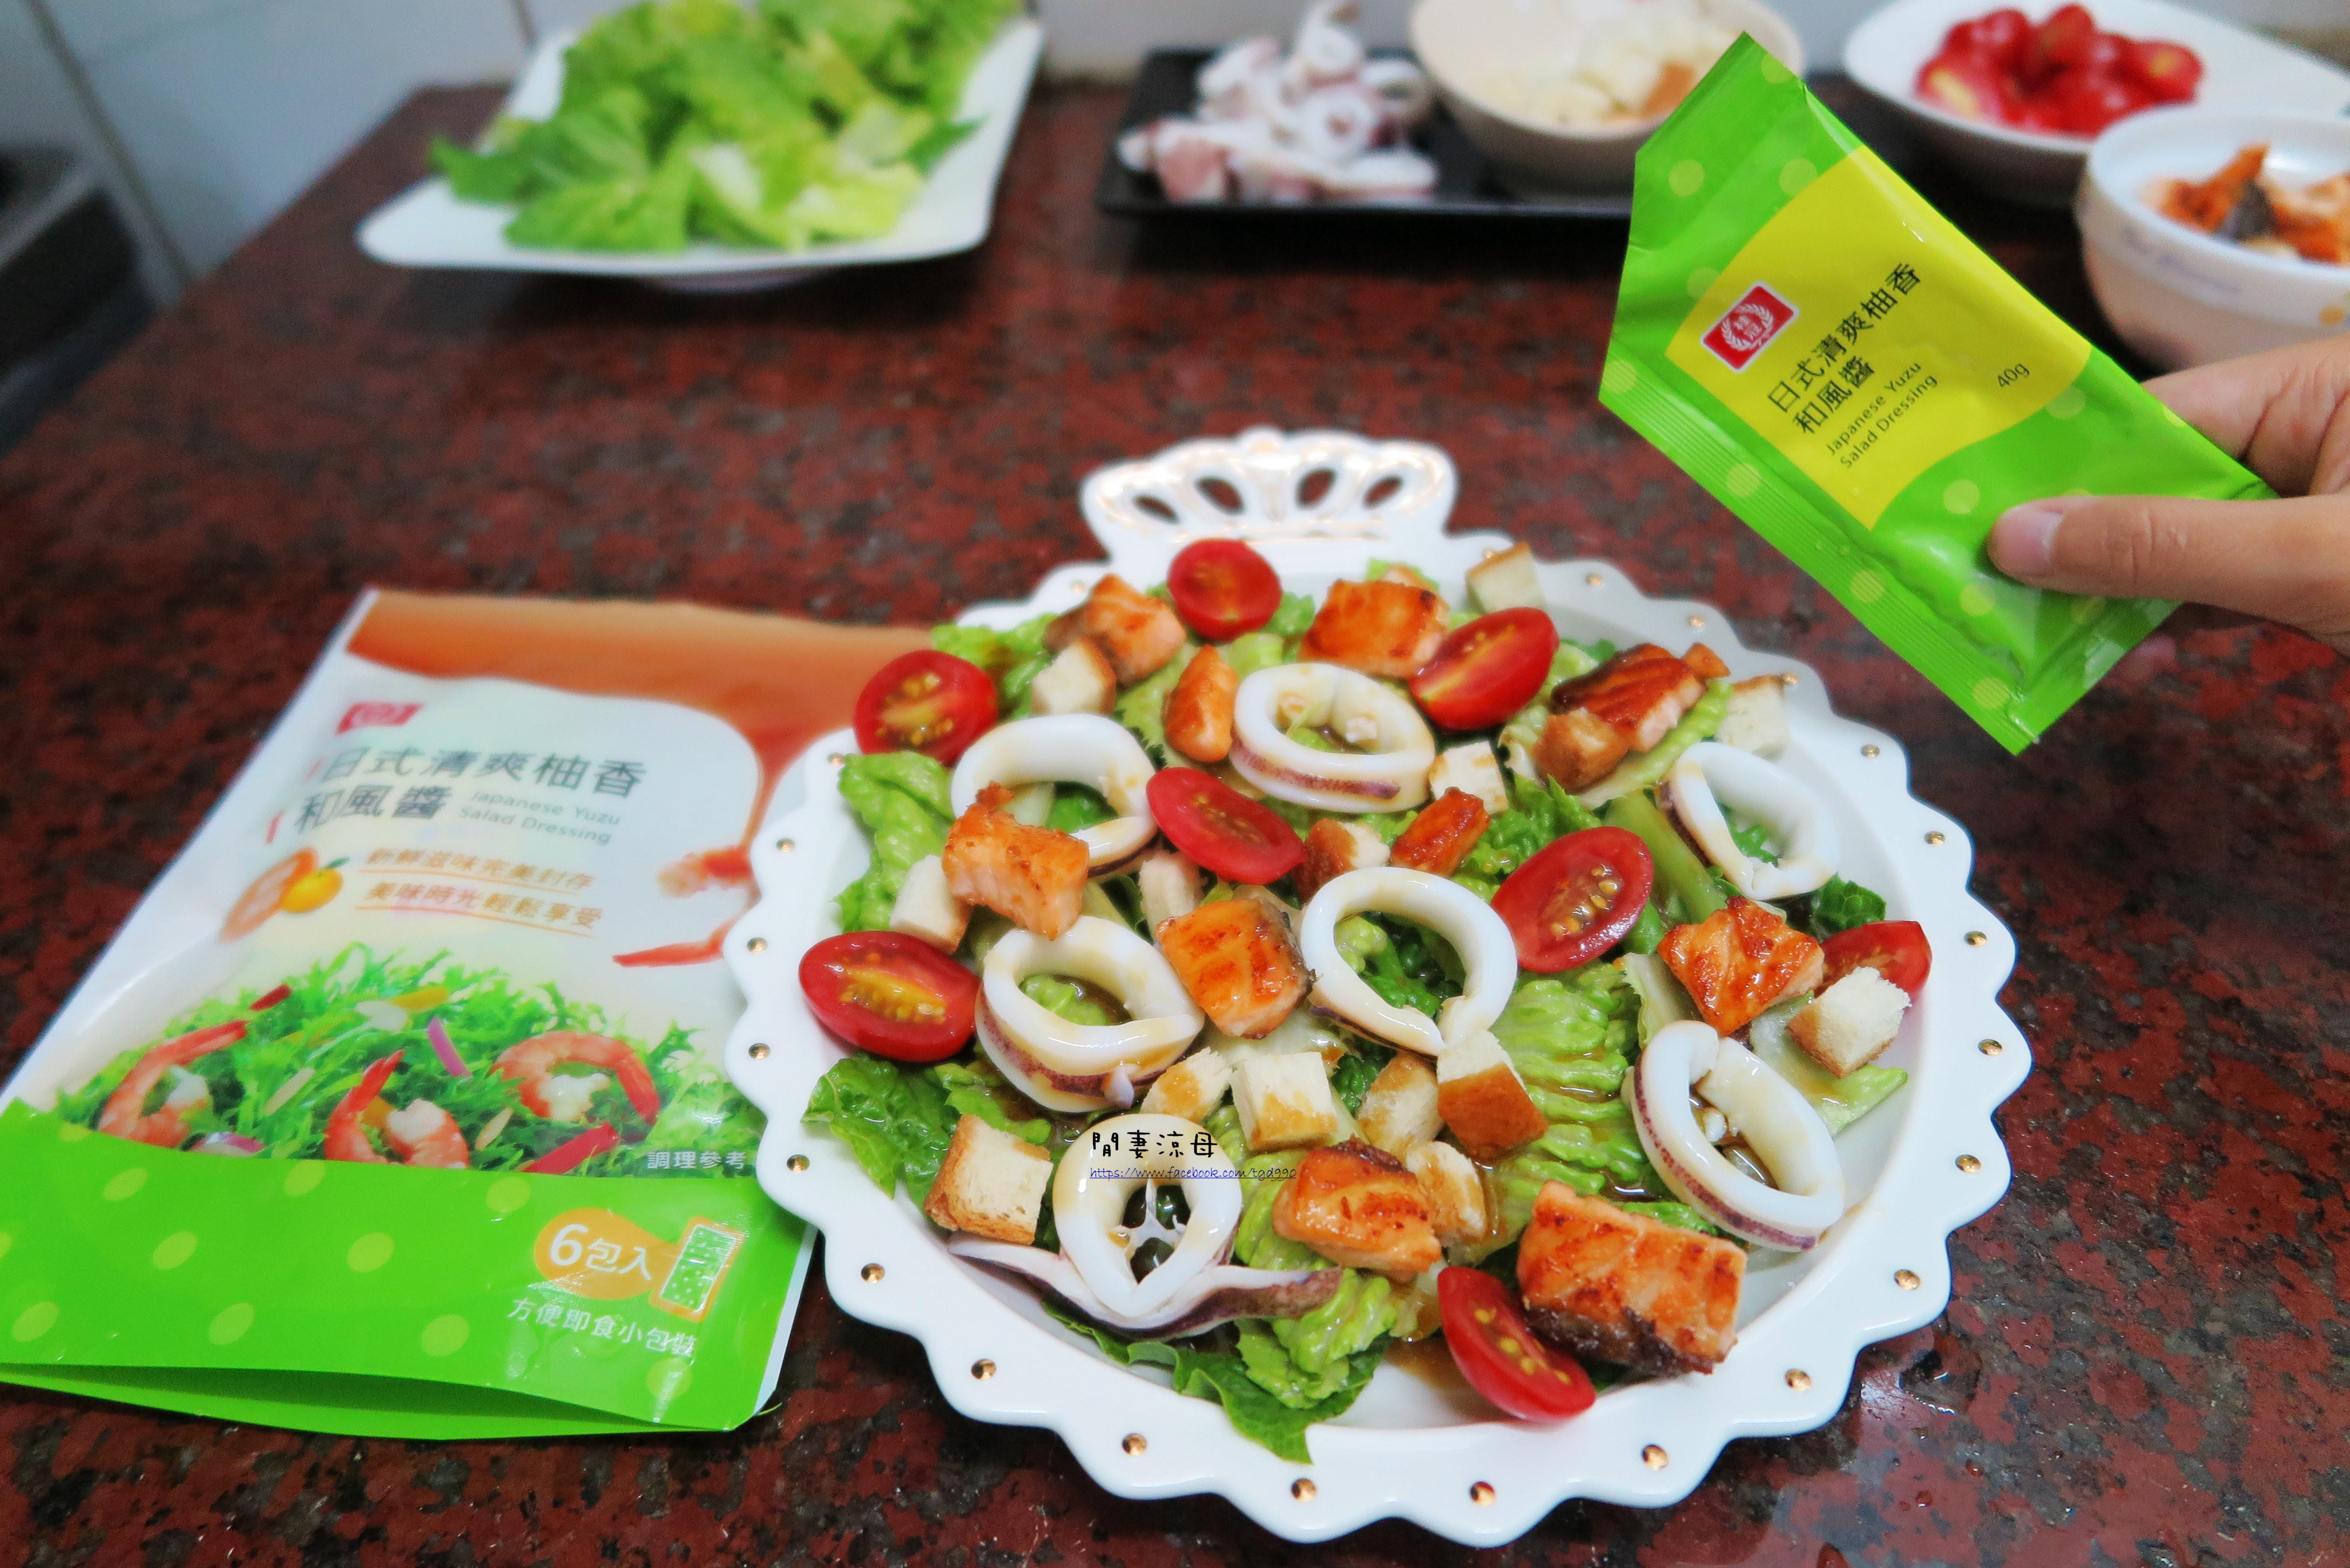 家庭必備之炎夏涼爽就醬拌-桂冠風味沙拉的第 17 張圖片